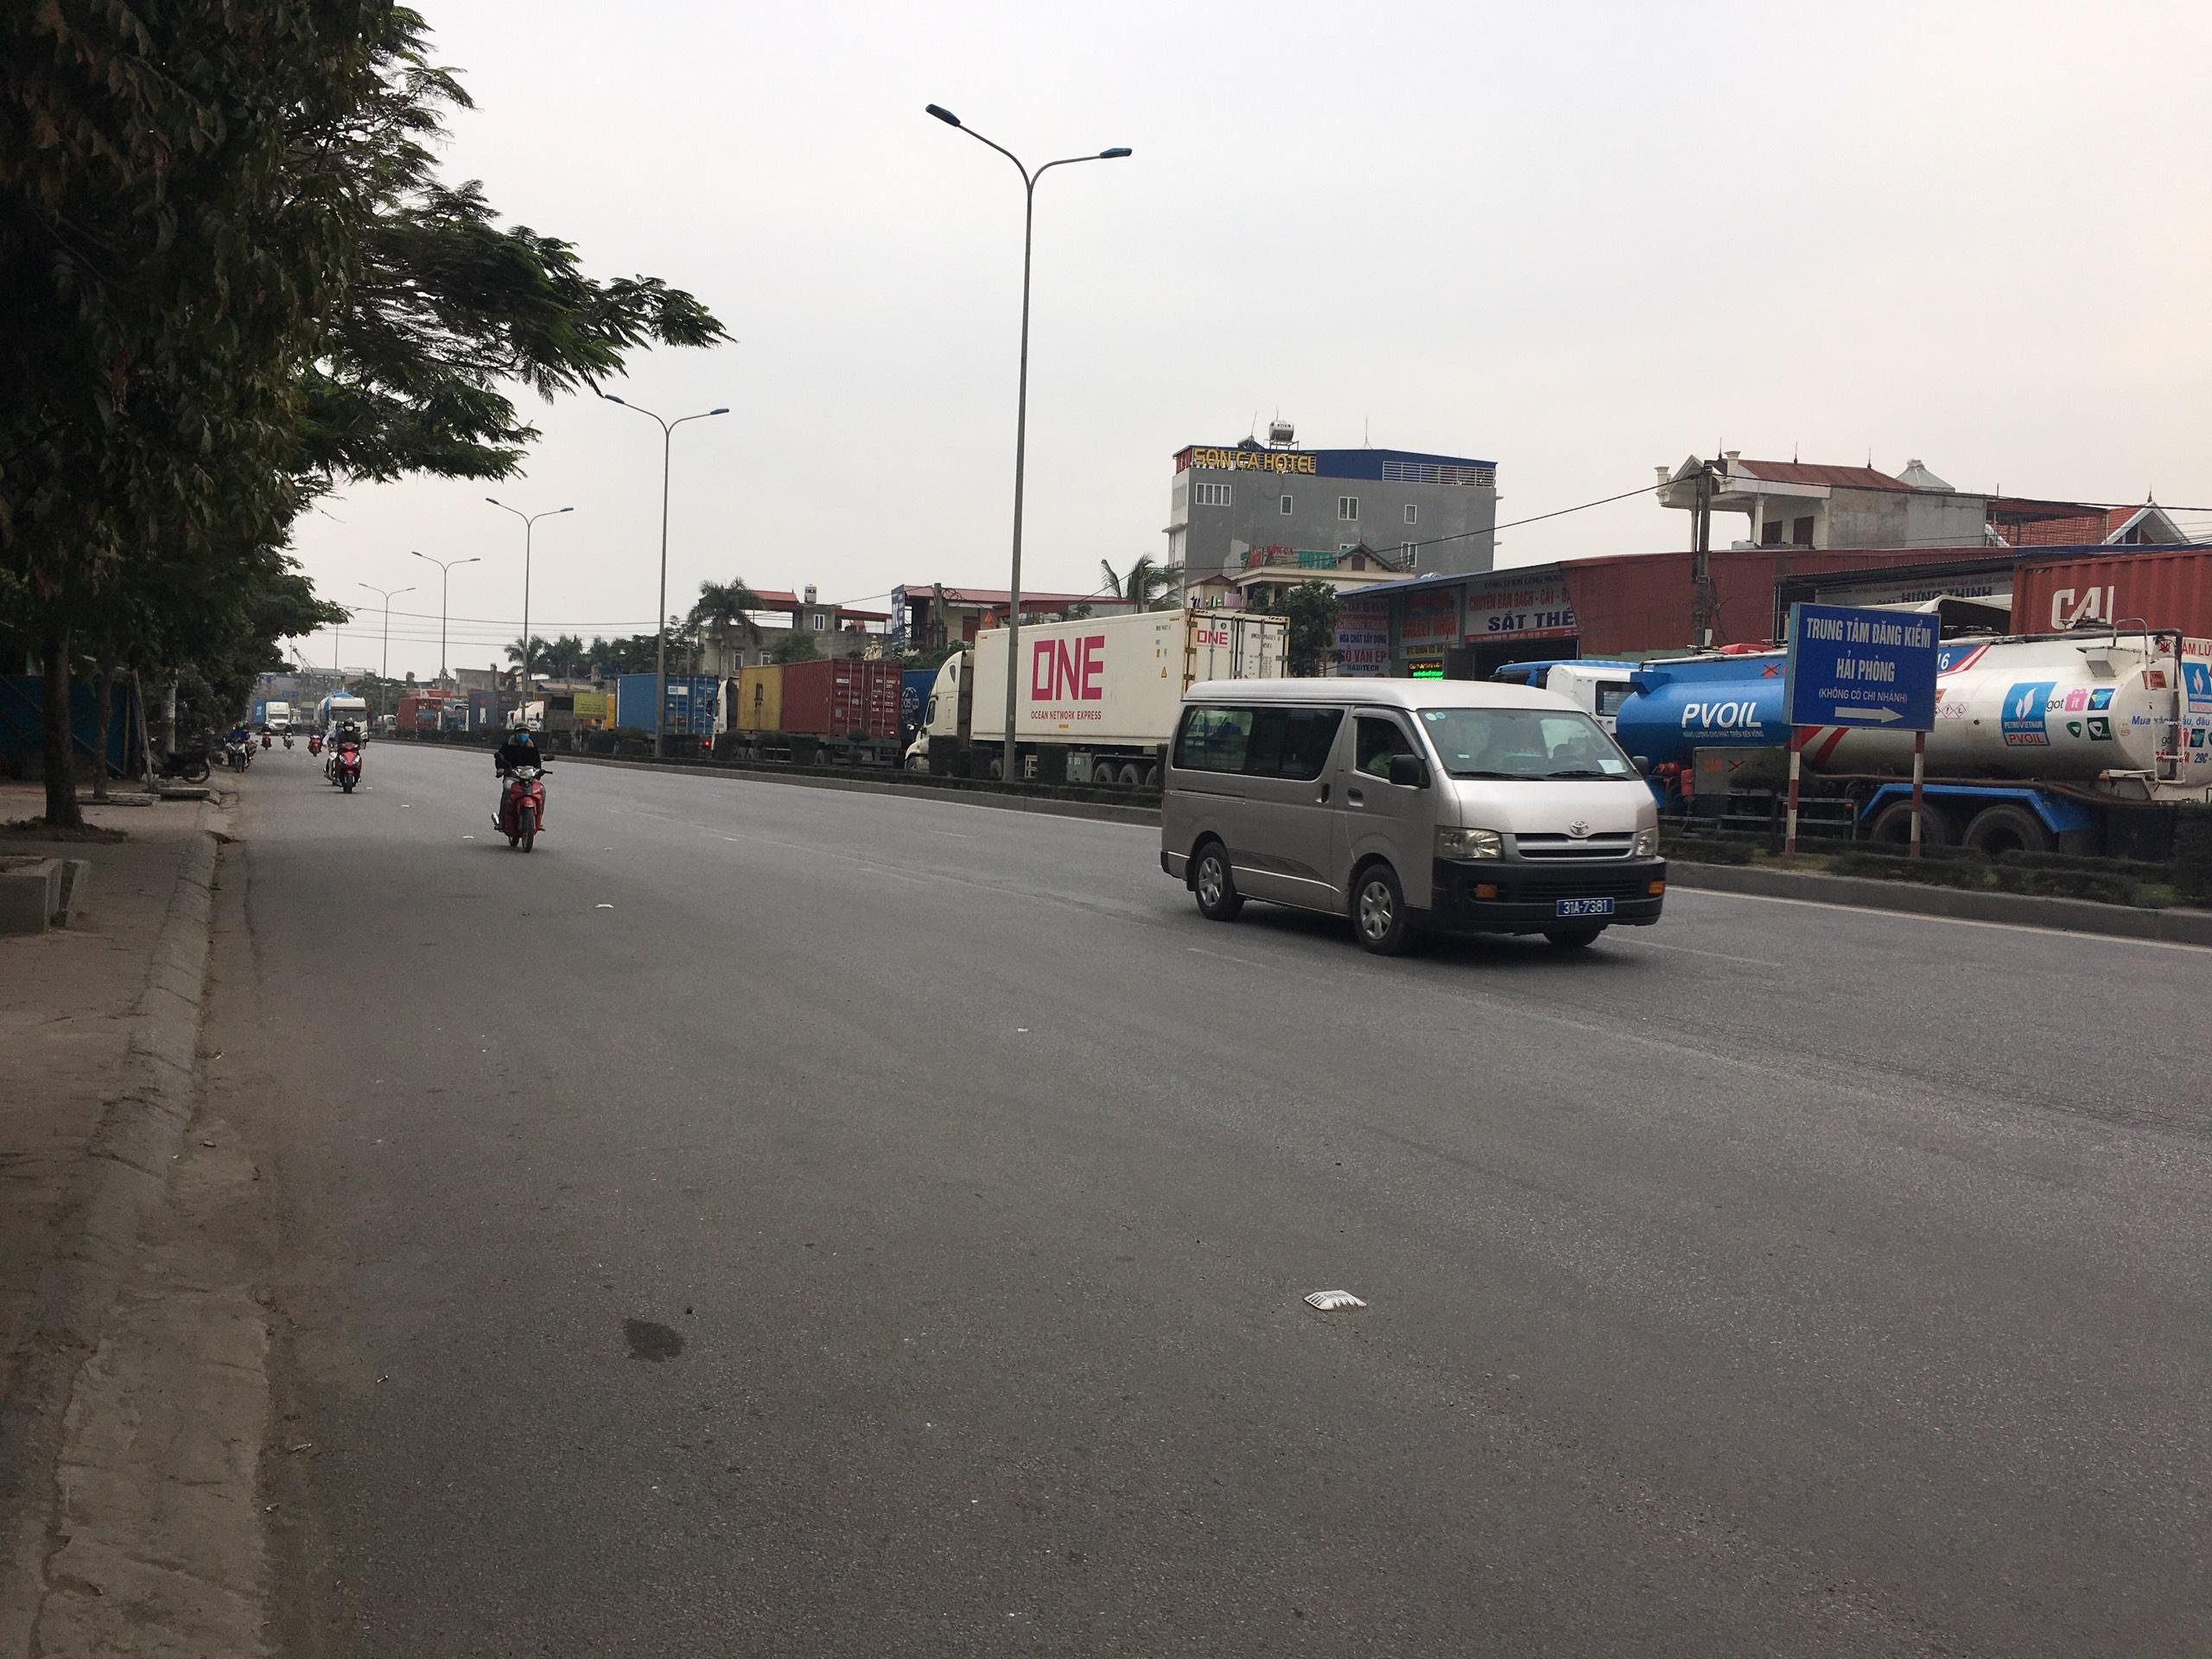 Cần bán gấp 2 lô đất liền kề mặt đường bao Trần Hưng Đạo, Đông Hải 2, Hải An, Hải Phòng.